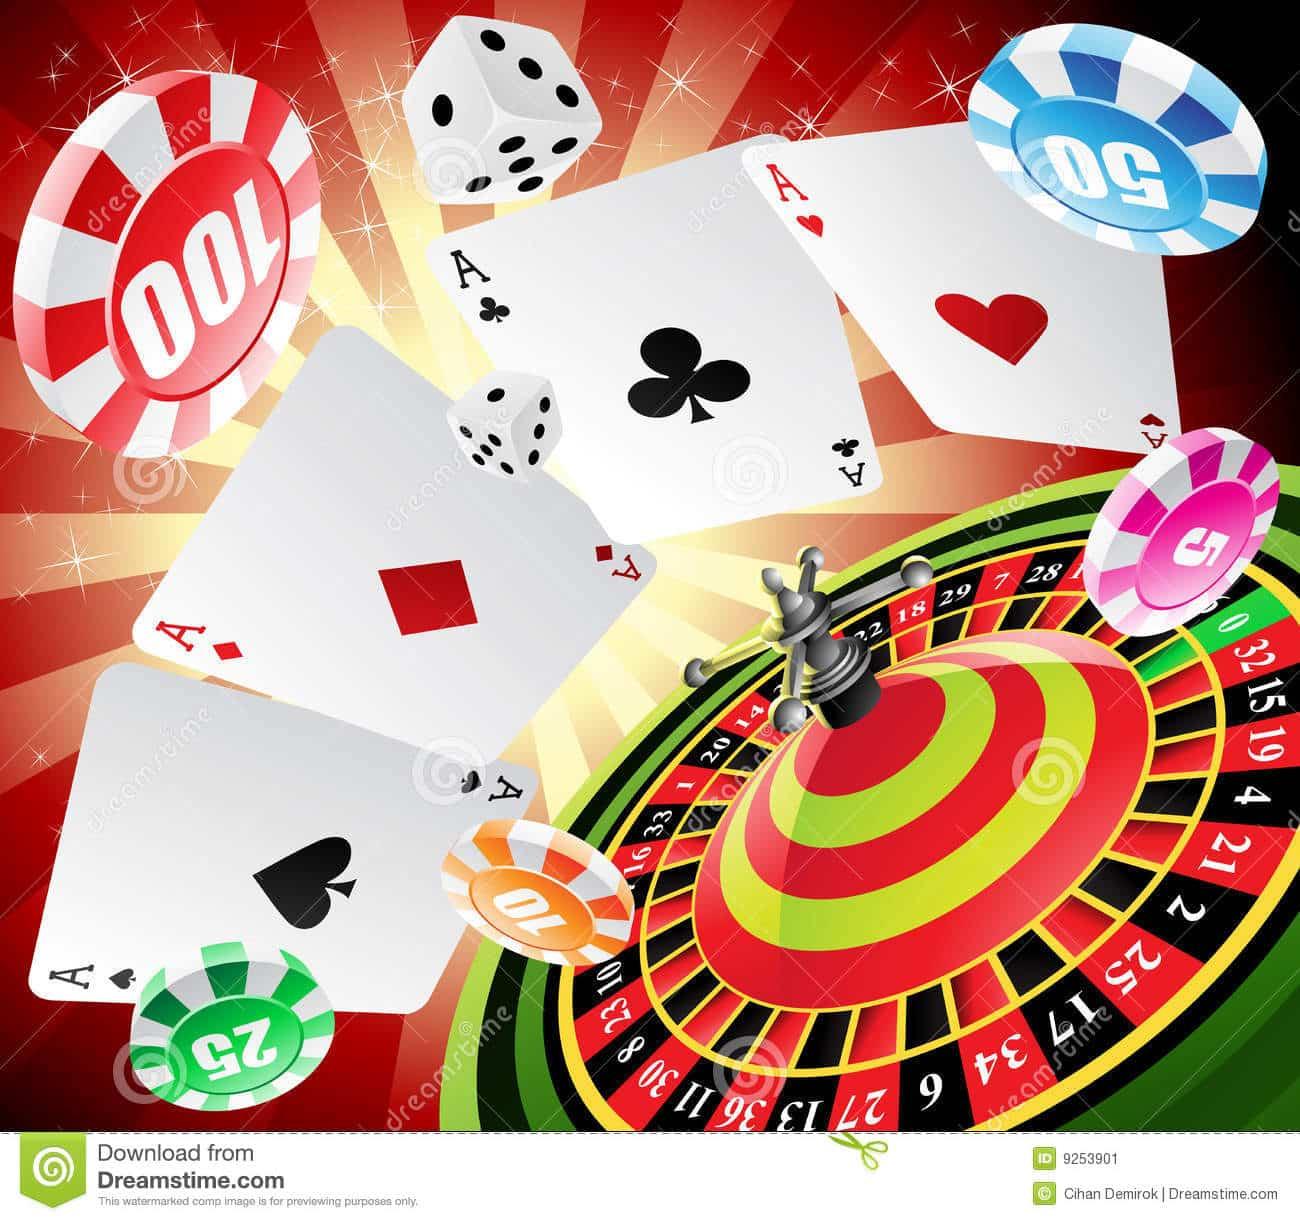 Casino en ligne: cherchez le meilleur site d'informations